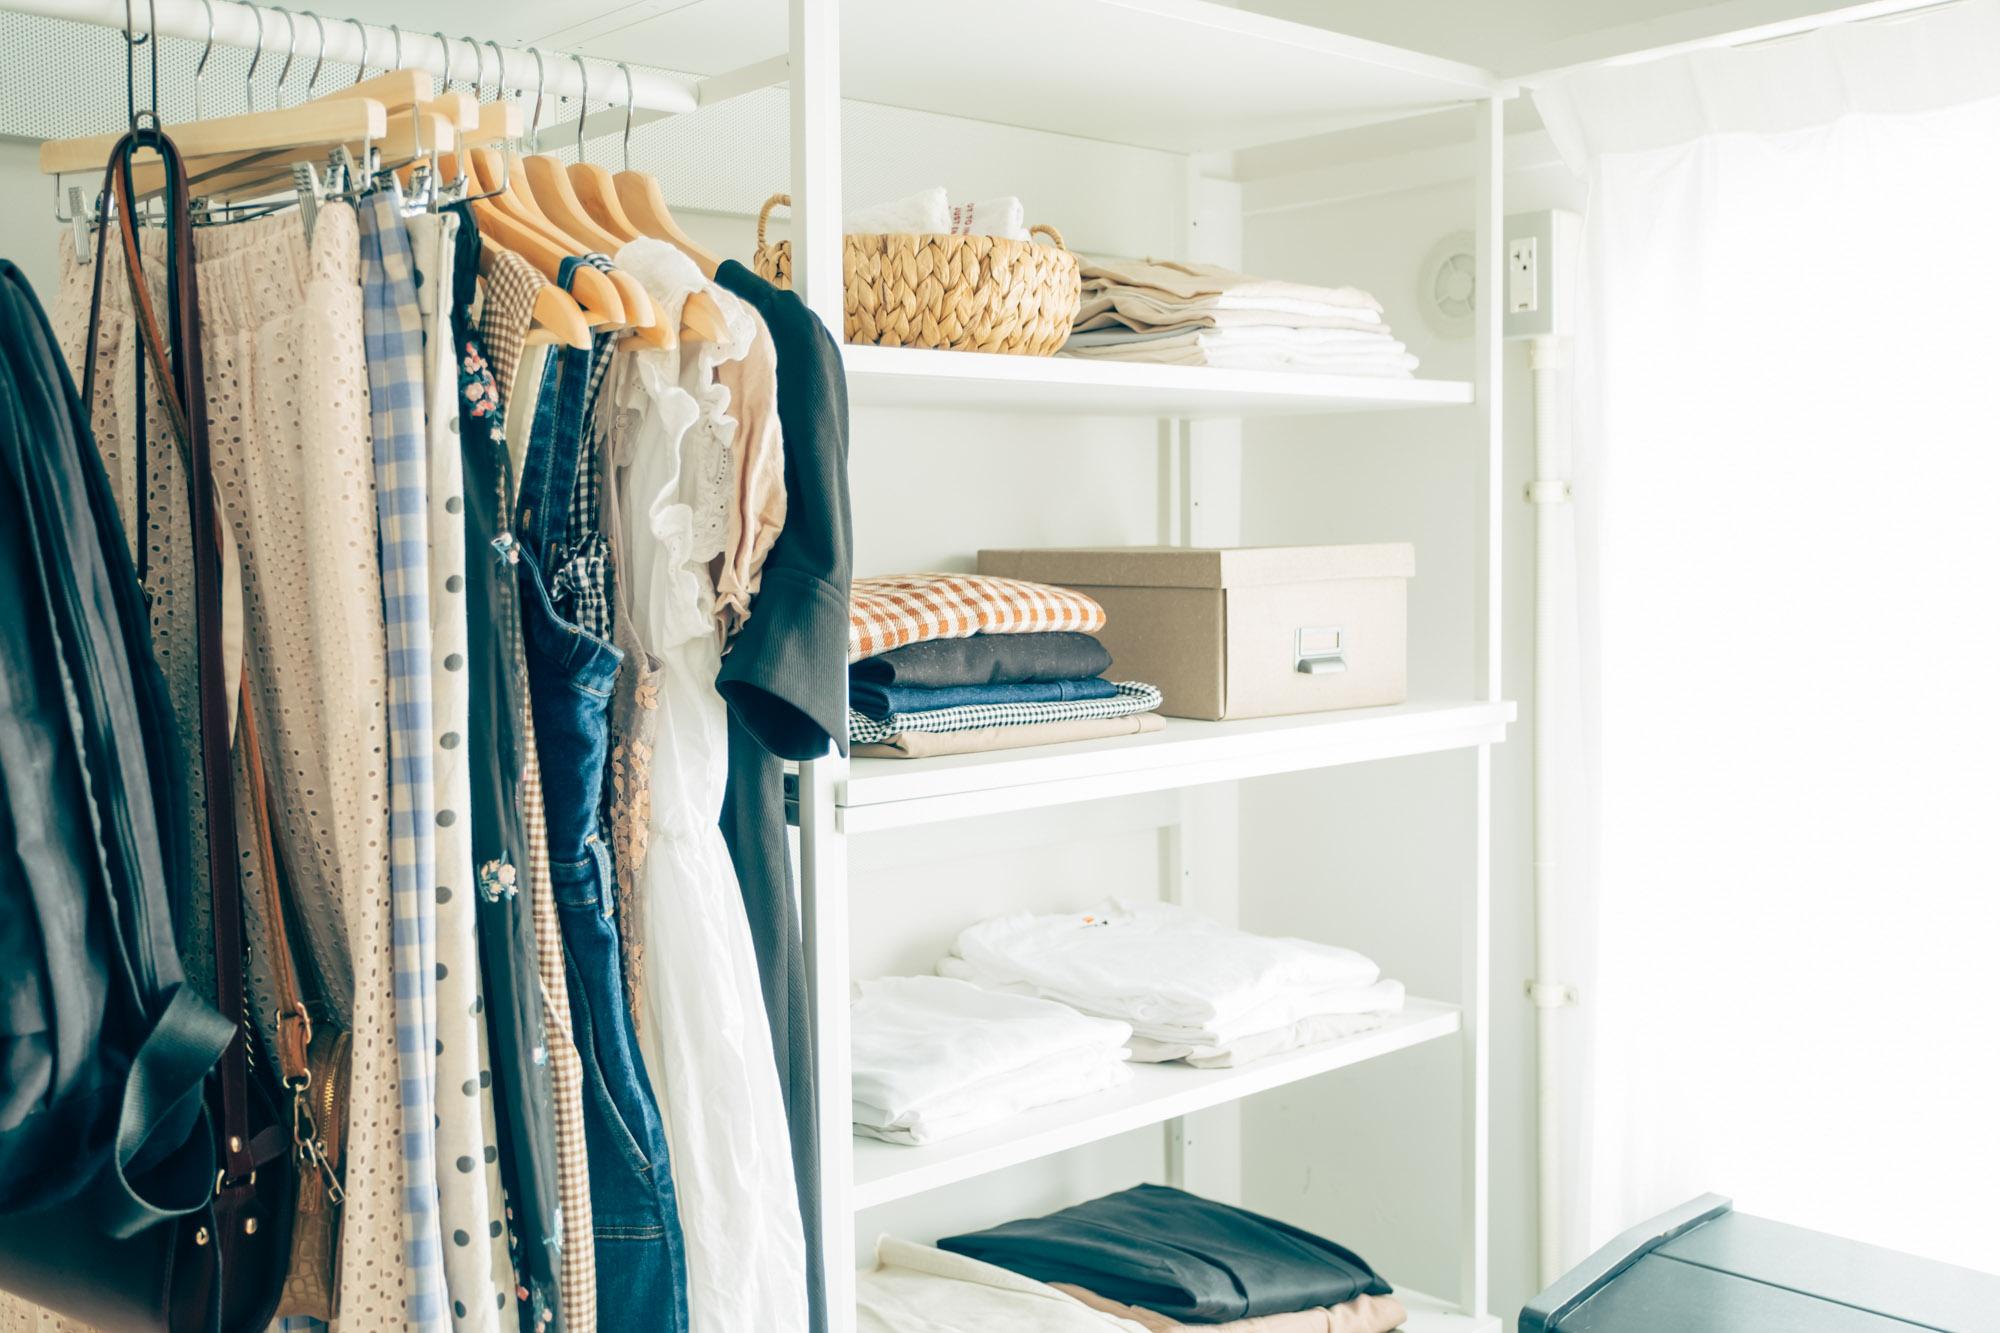 畳んでしまわれた洋服も余裕を持って並べられているのでとても取り出しやすそうです。(このお部屋はこちら)